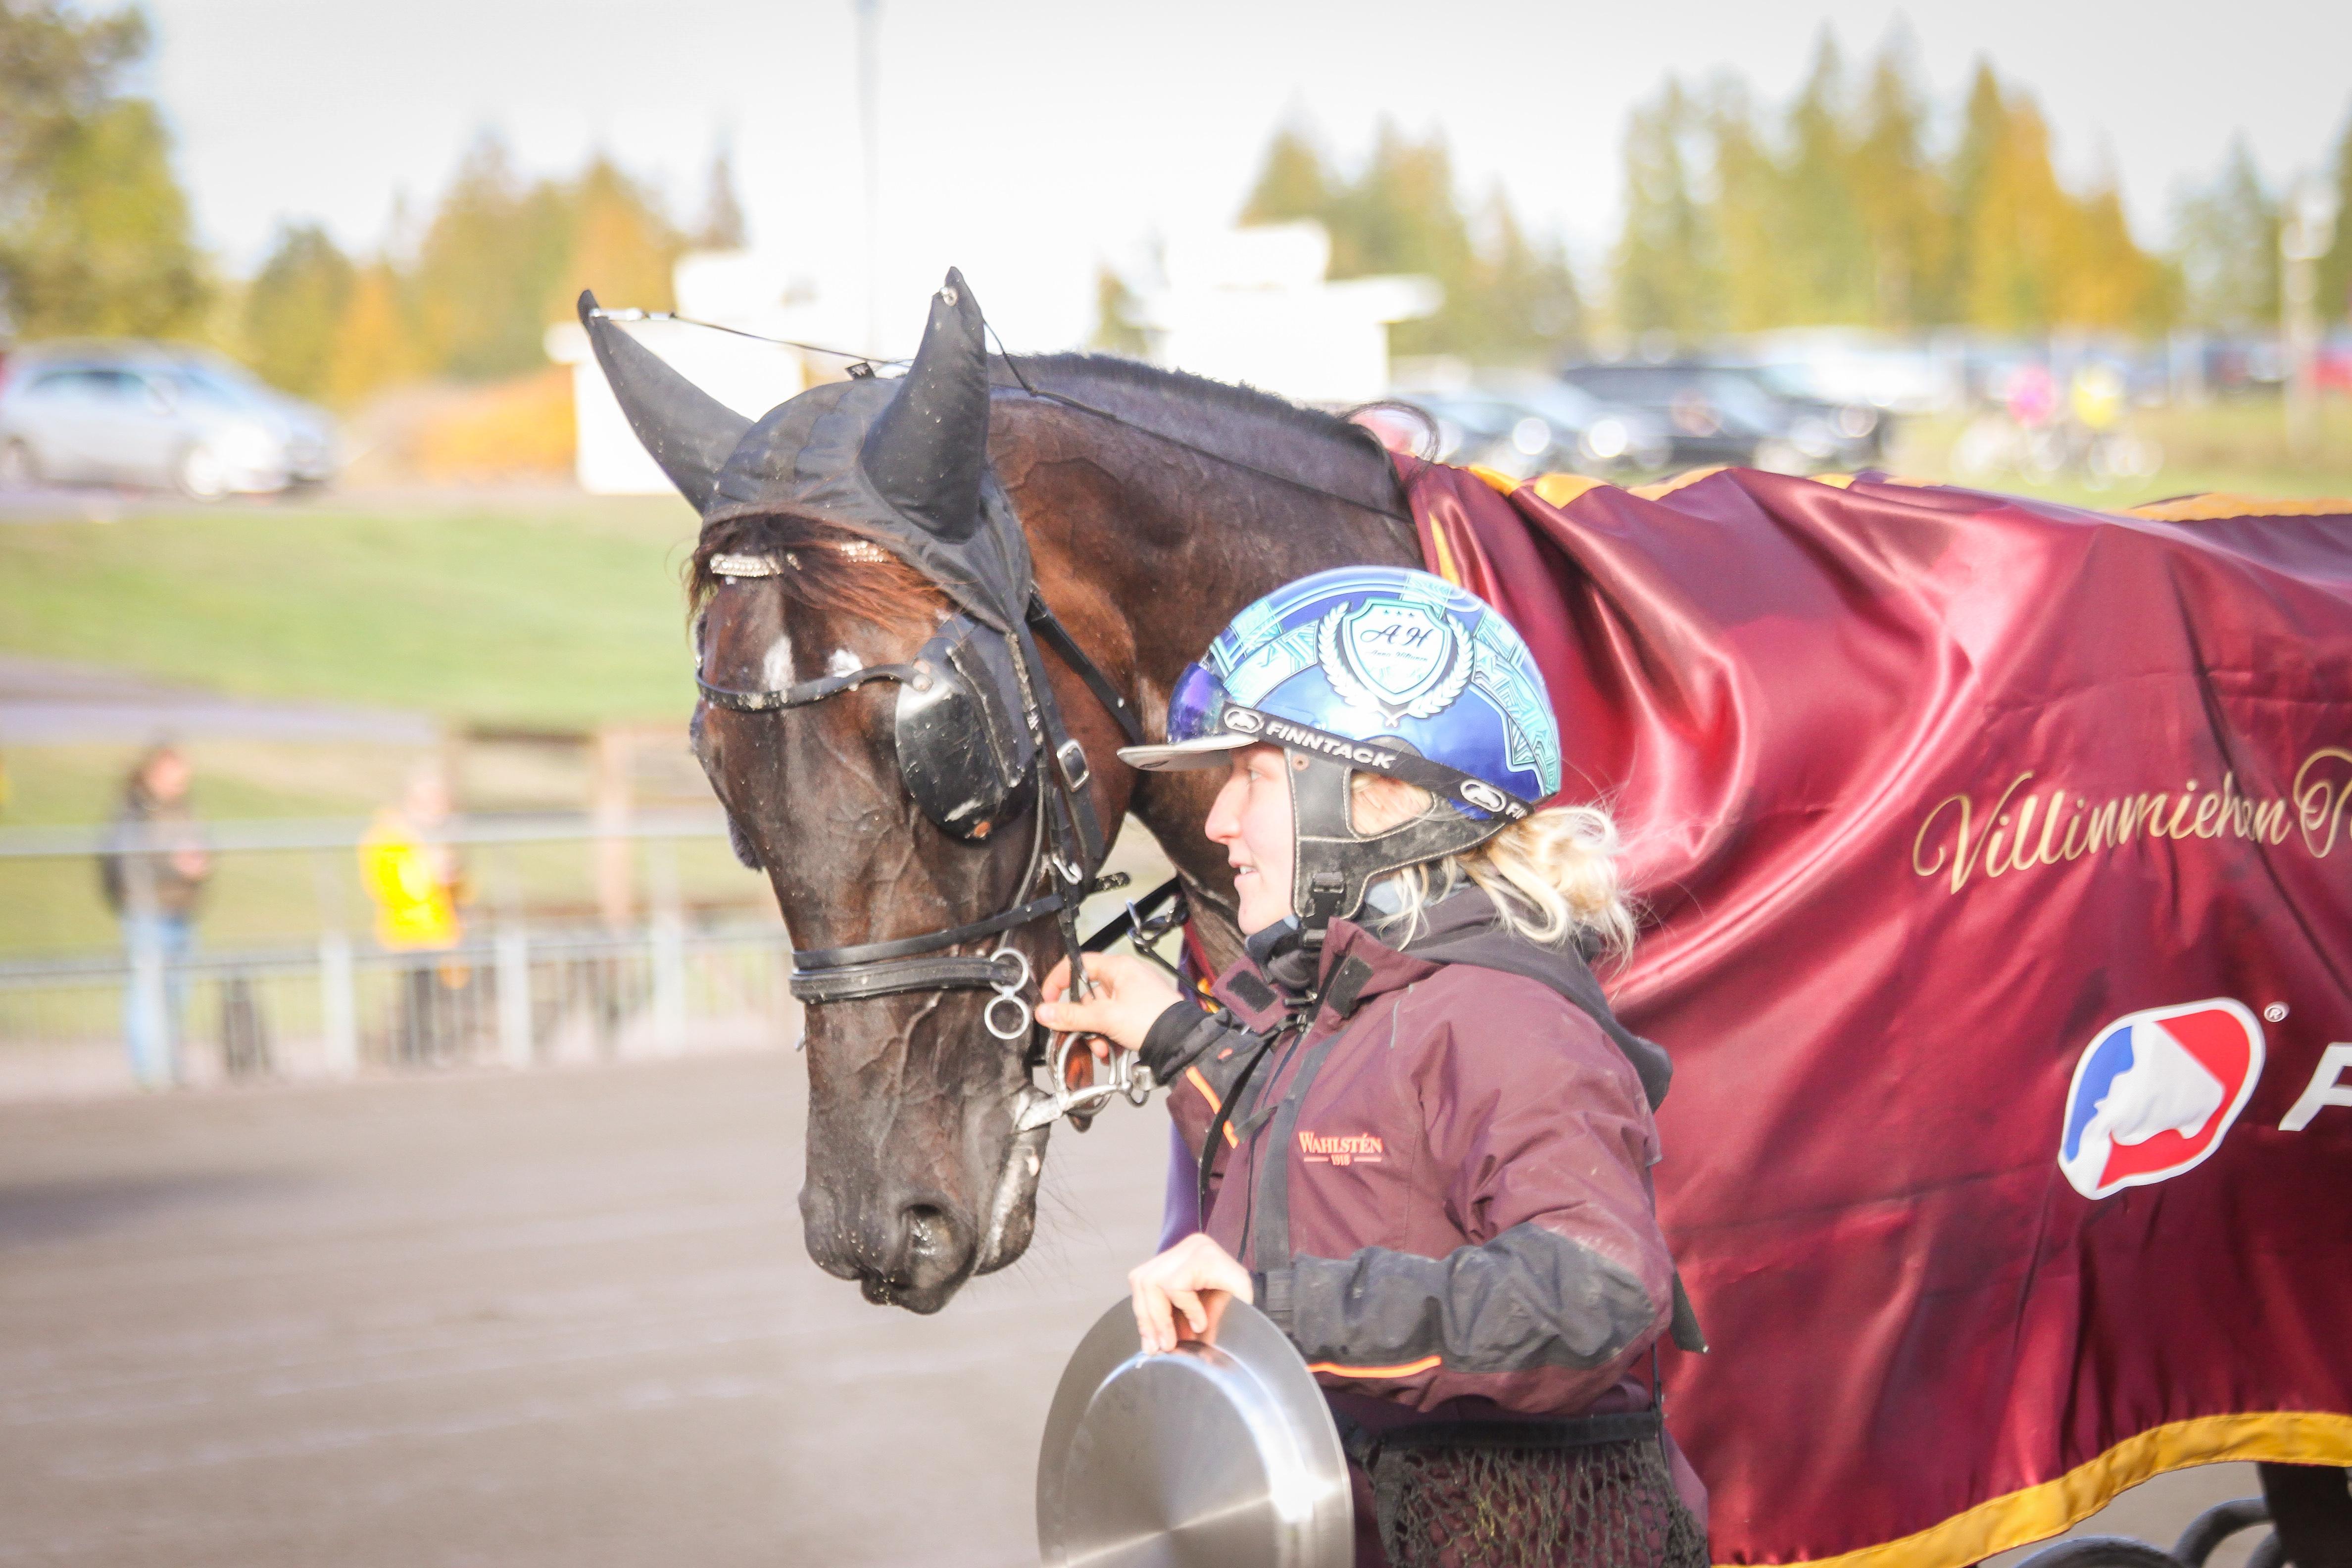 An-Dorra oli lämminveristen Villinmiehen Tammakilvan ykkönen. Kuva: Hippos / Reeta Heino.